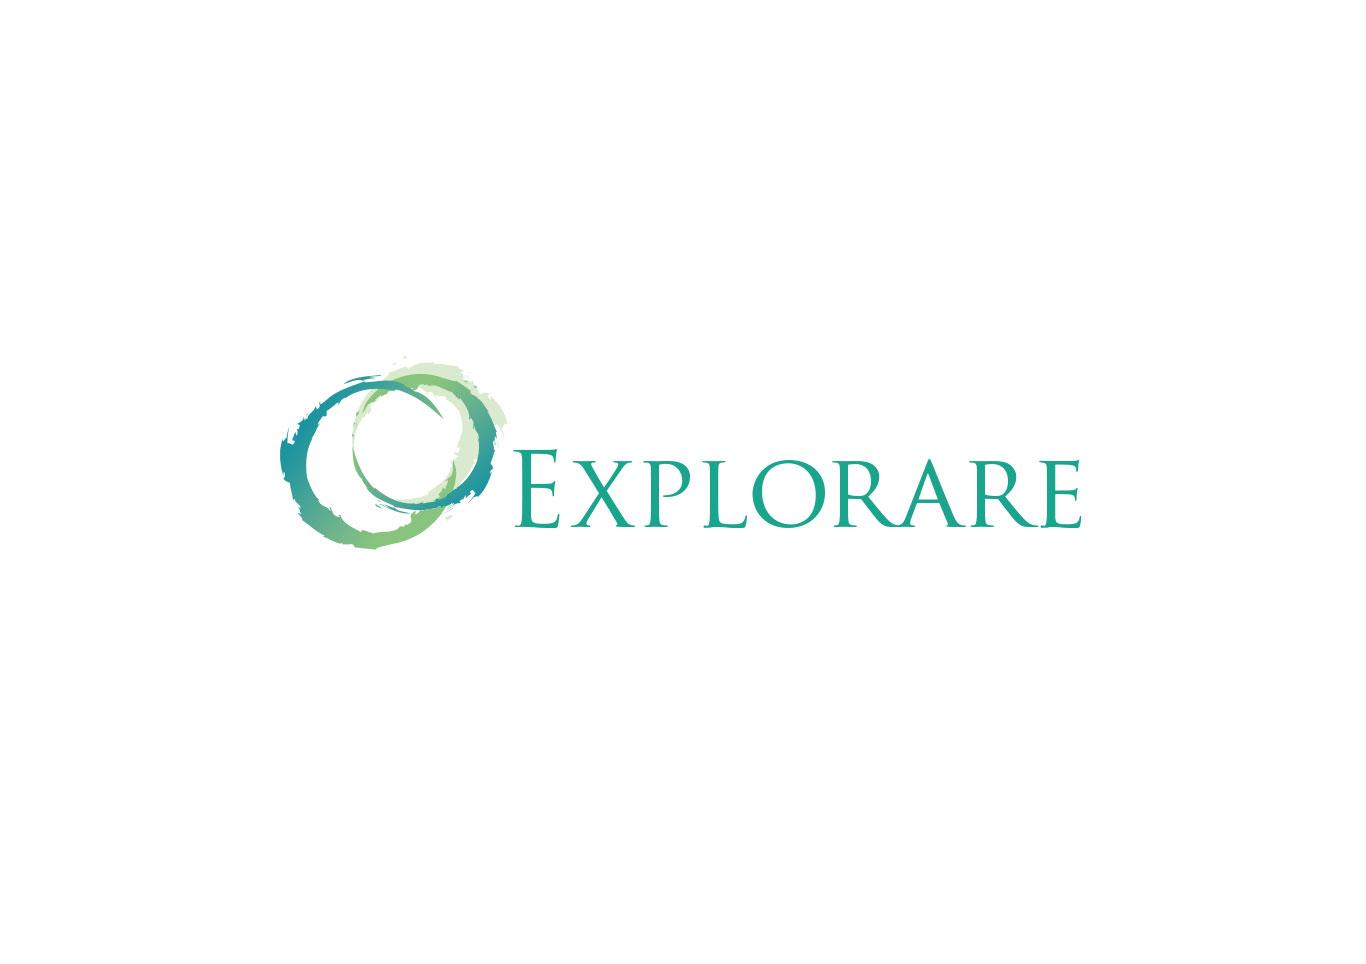 explorare_logo